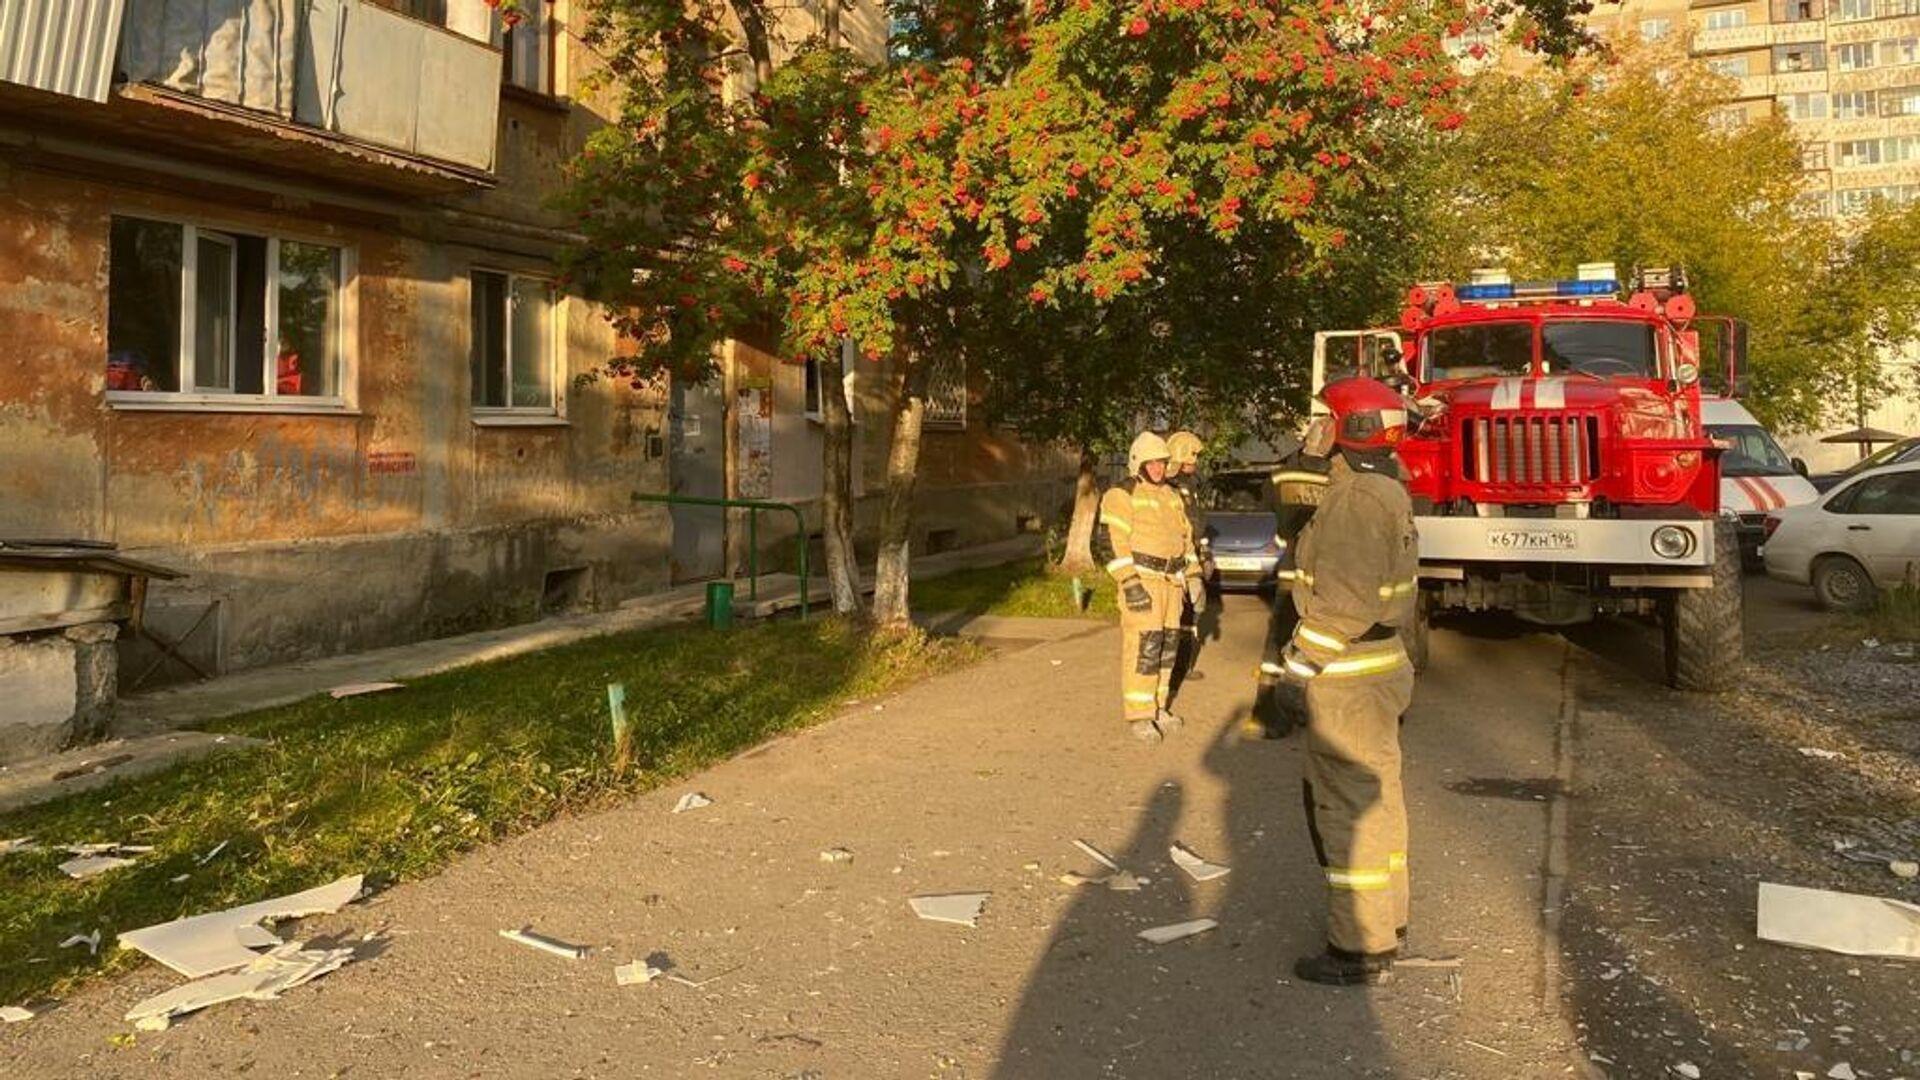 Прокуратура назвала возможную причину взрыва в доме в Свердловской области